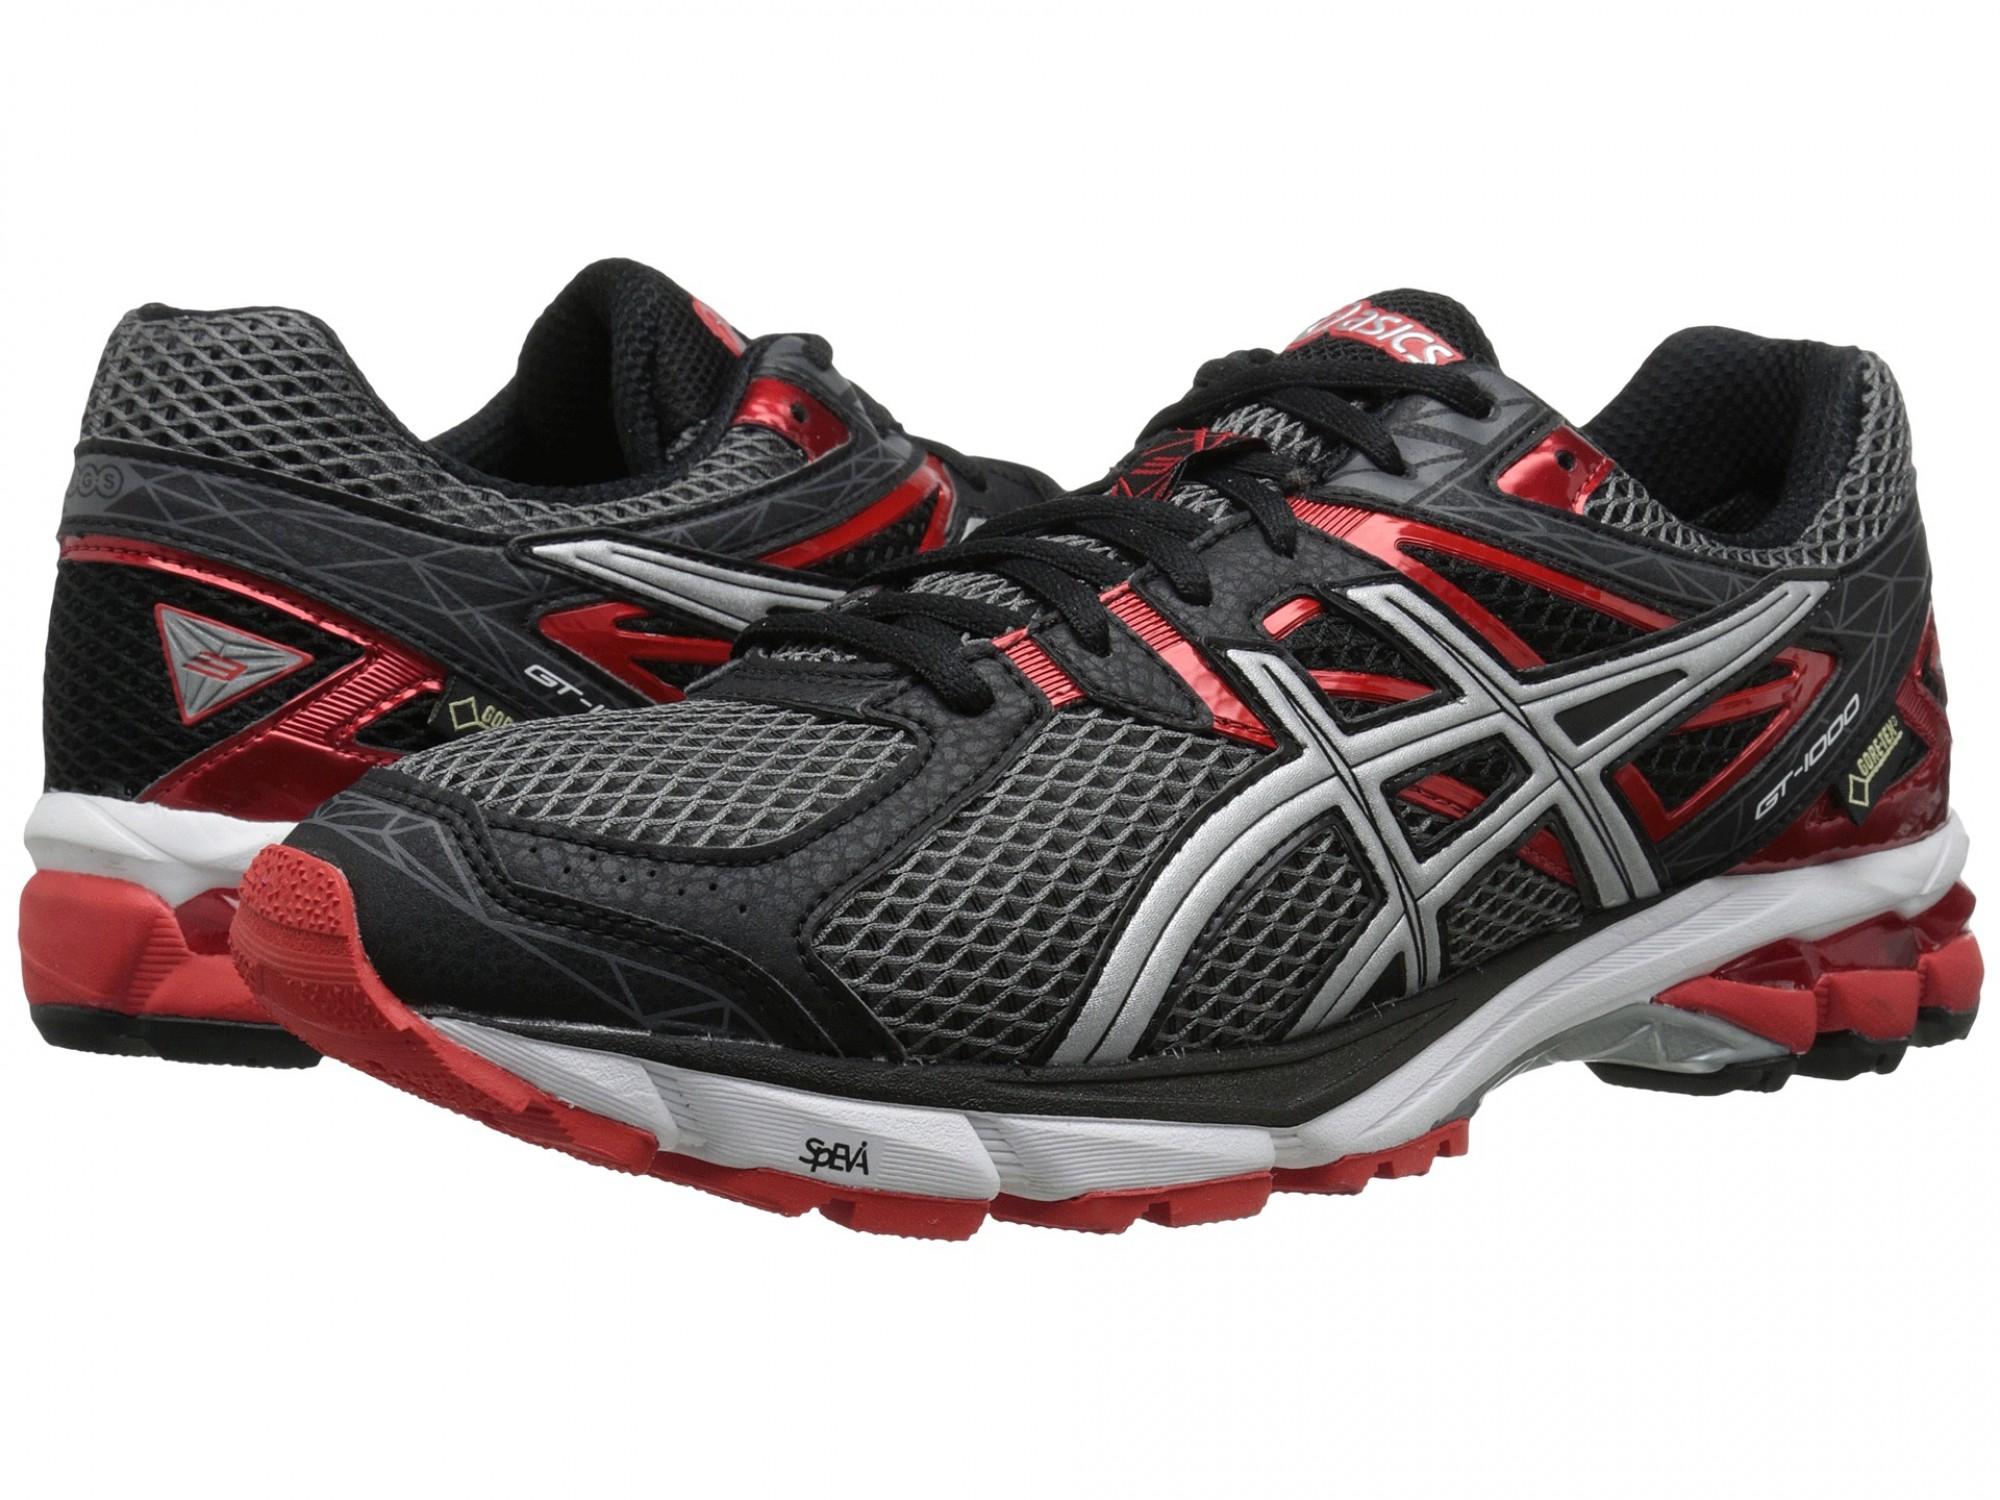 5e97cbde ASICS GT-1000™ 3 GTX® - водонепроницаемые беговые кроссовки с ...